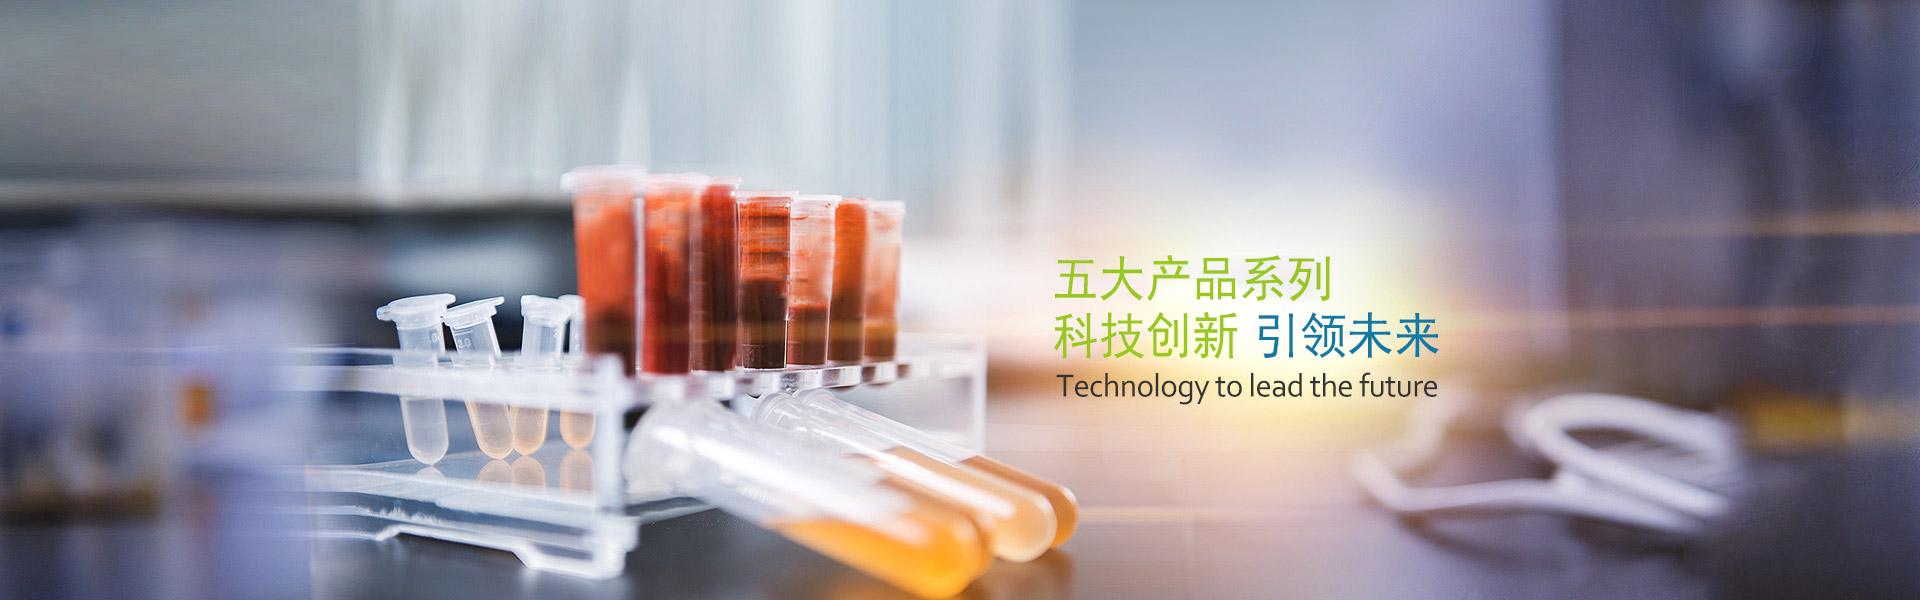 科技创新 引领未来